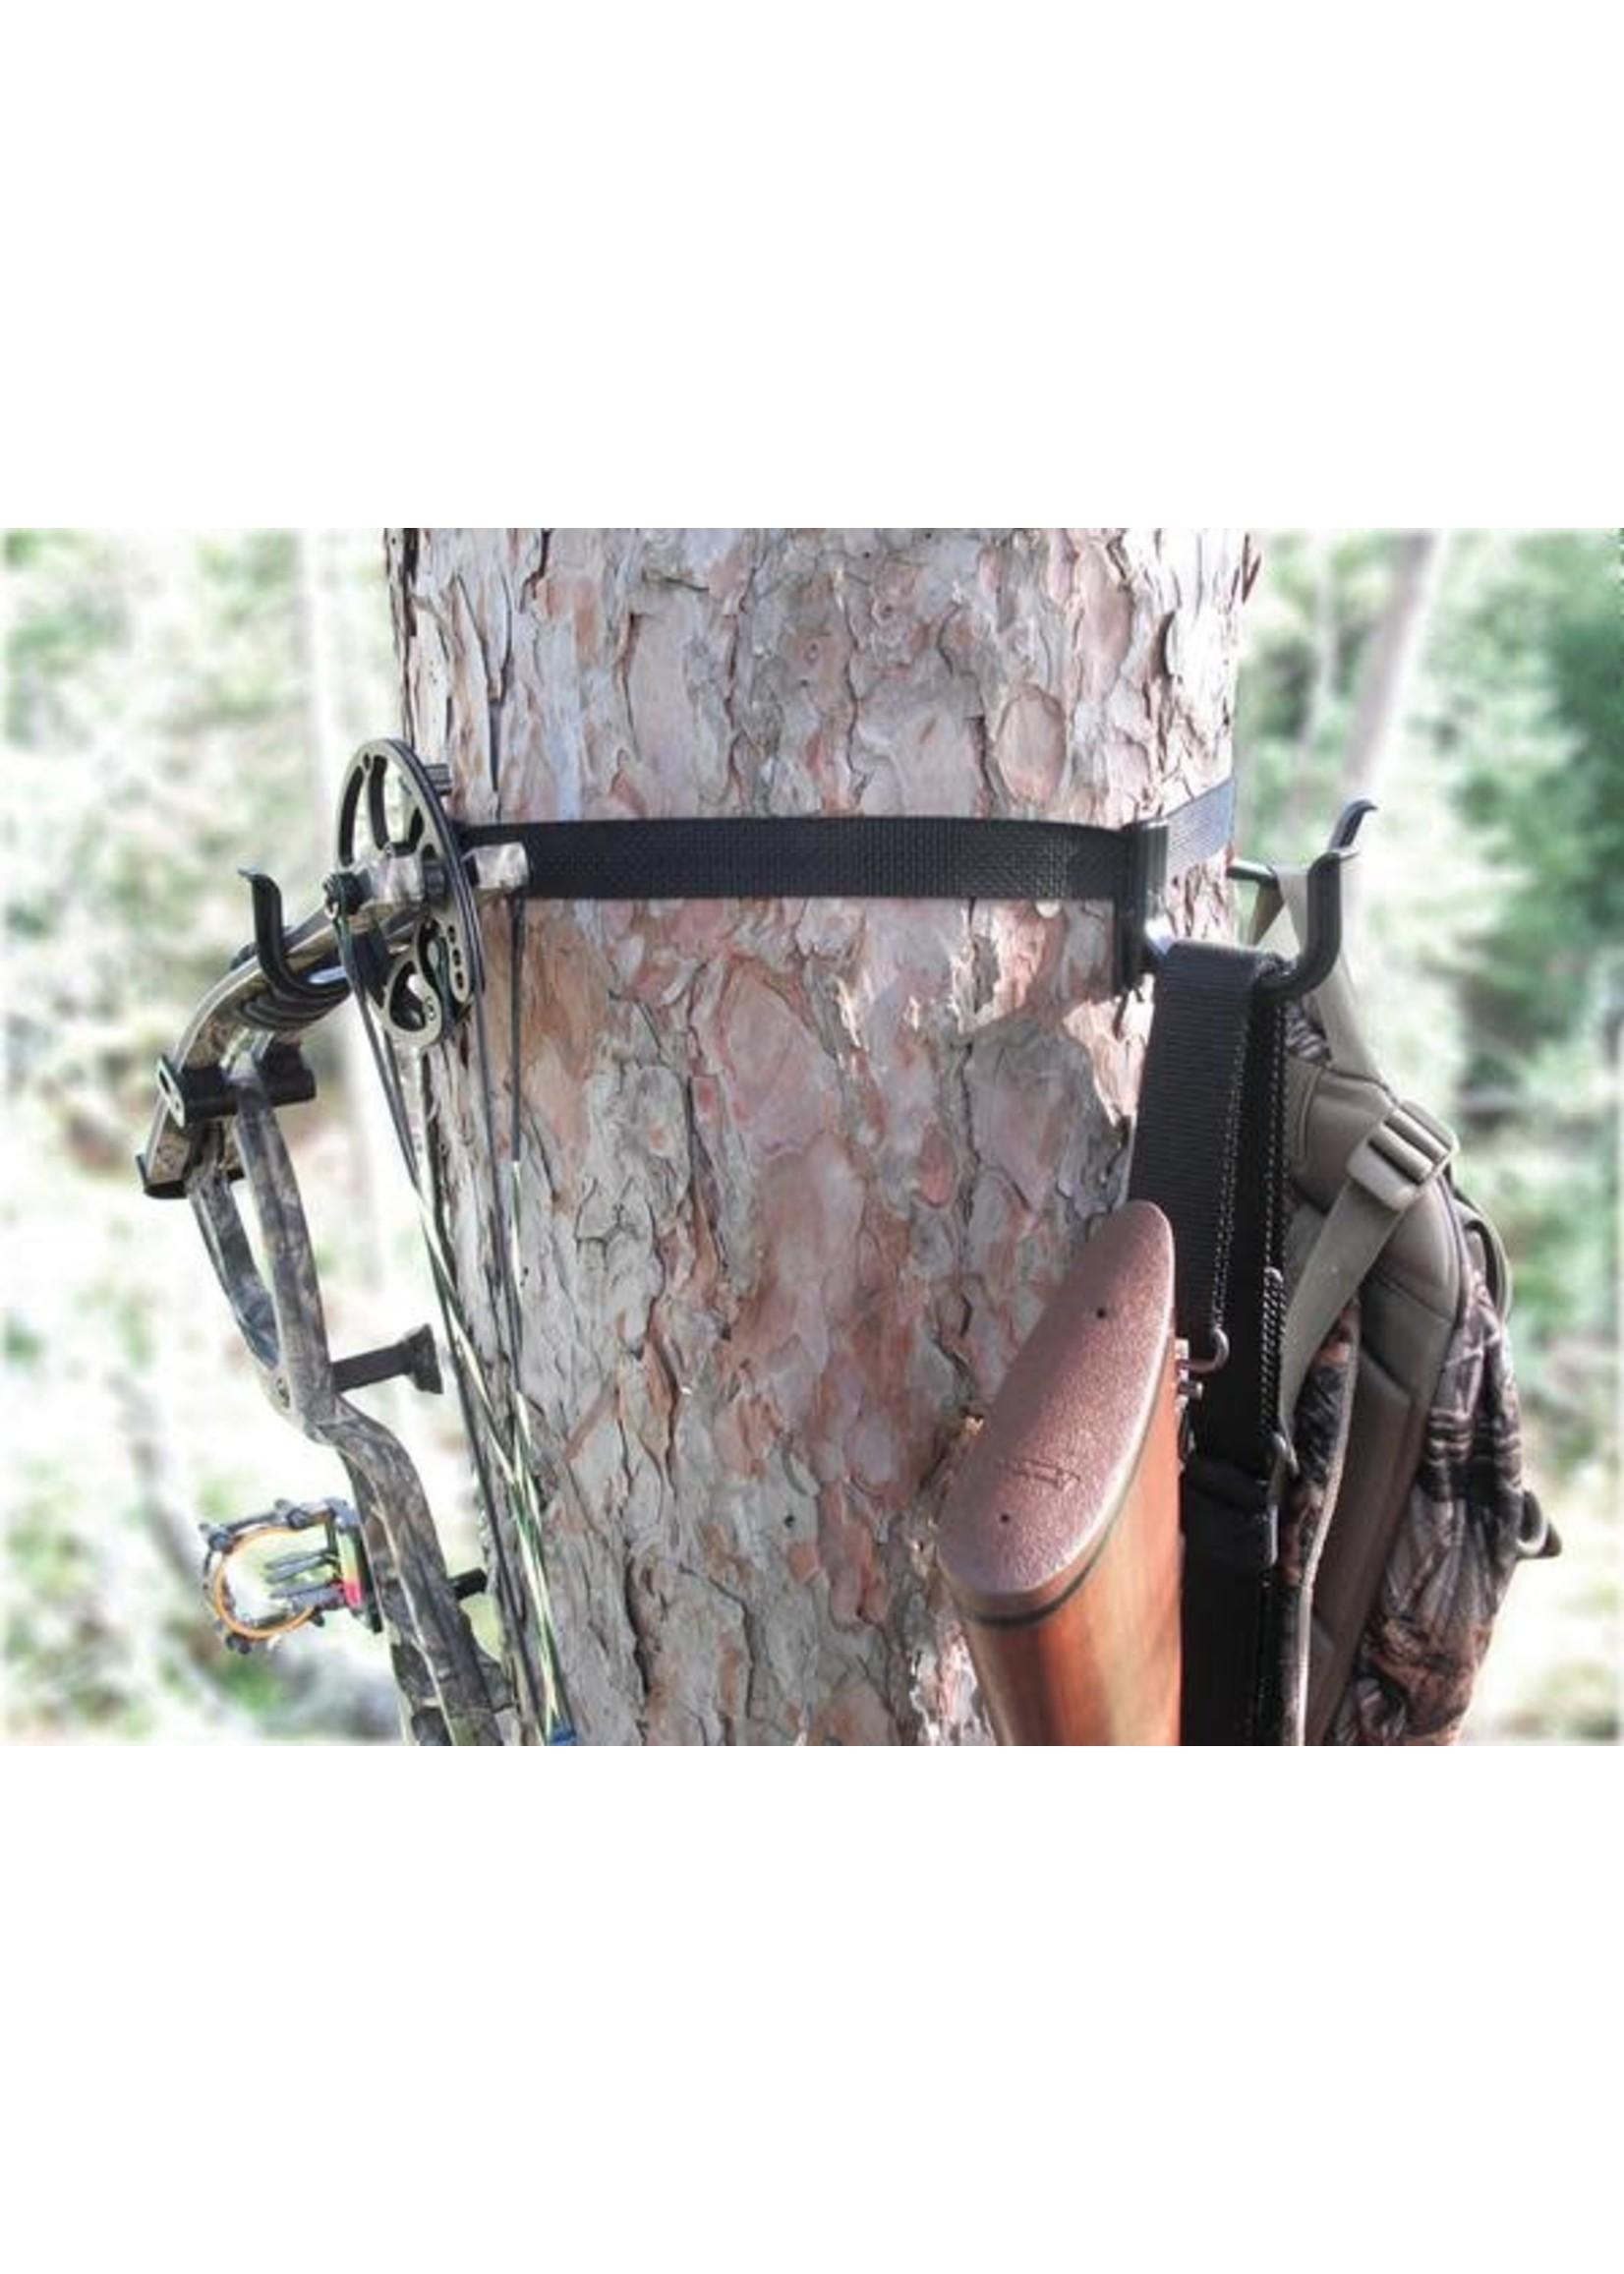 Pine Ridge Pine Ridge Hunt-N-Gear